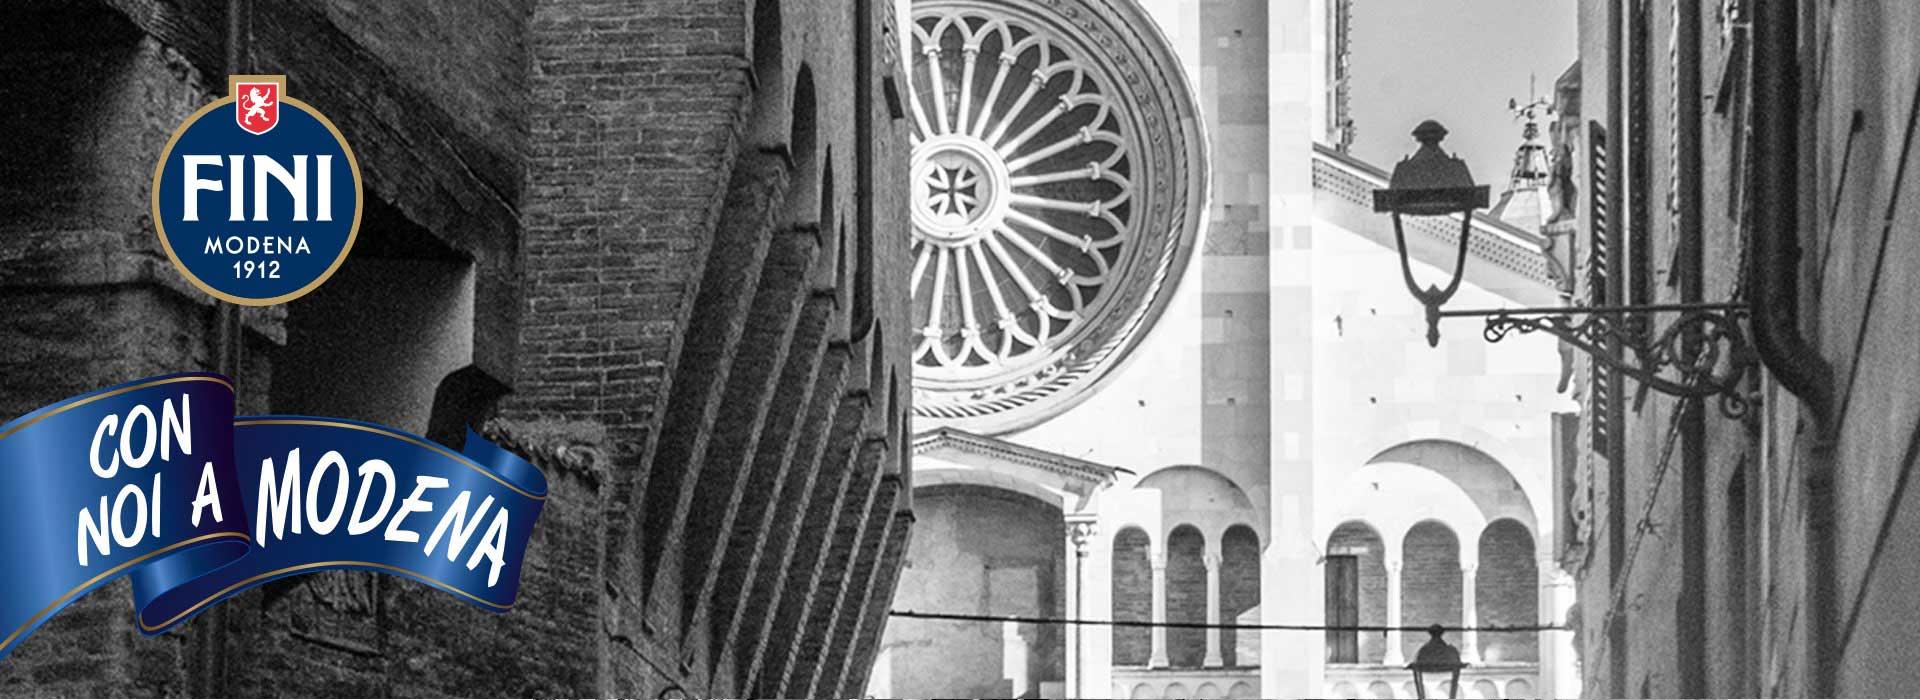 concept creativo e design concorso Fini con noi a Modena